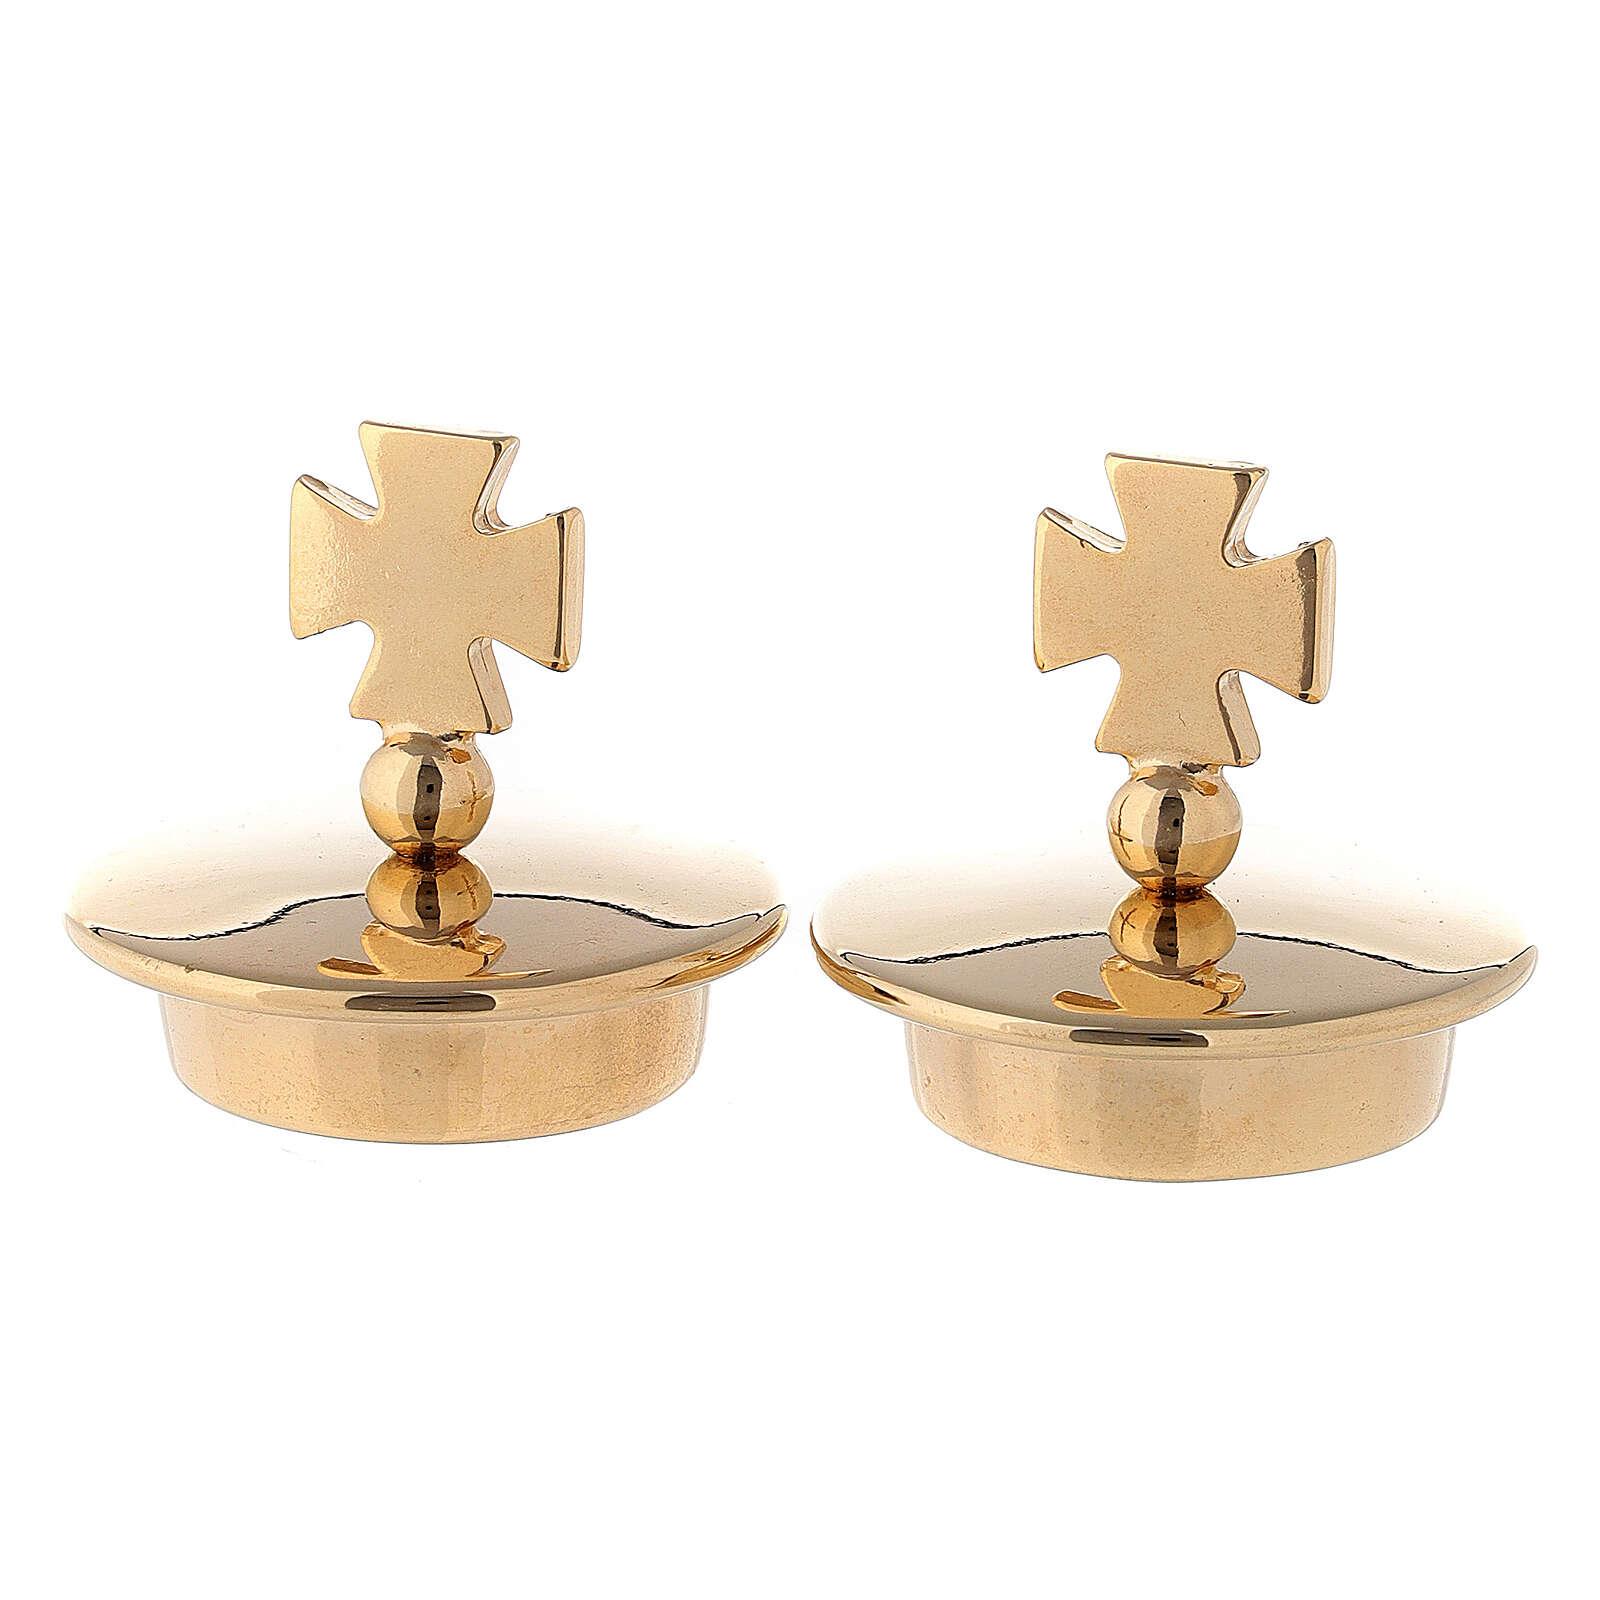 Coppia tappi per brocchette ottone dorato 24k mod Bologna croce Malta 4